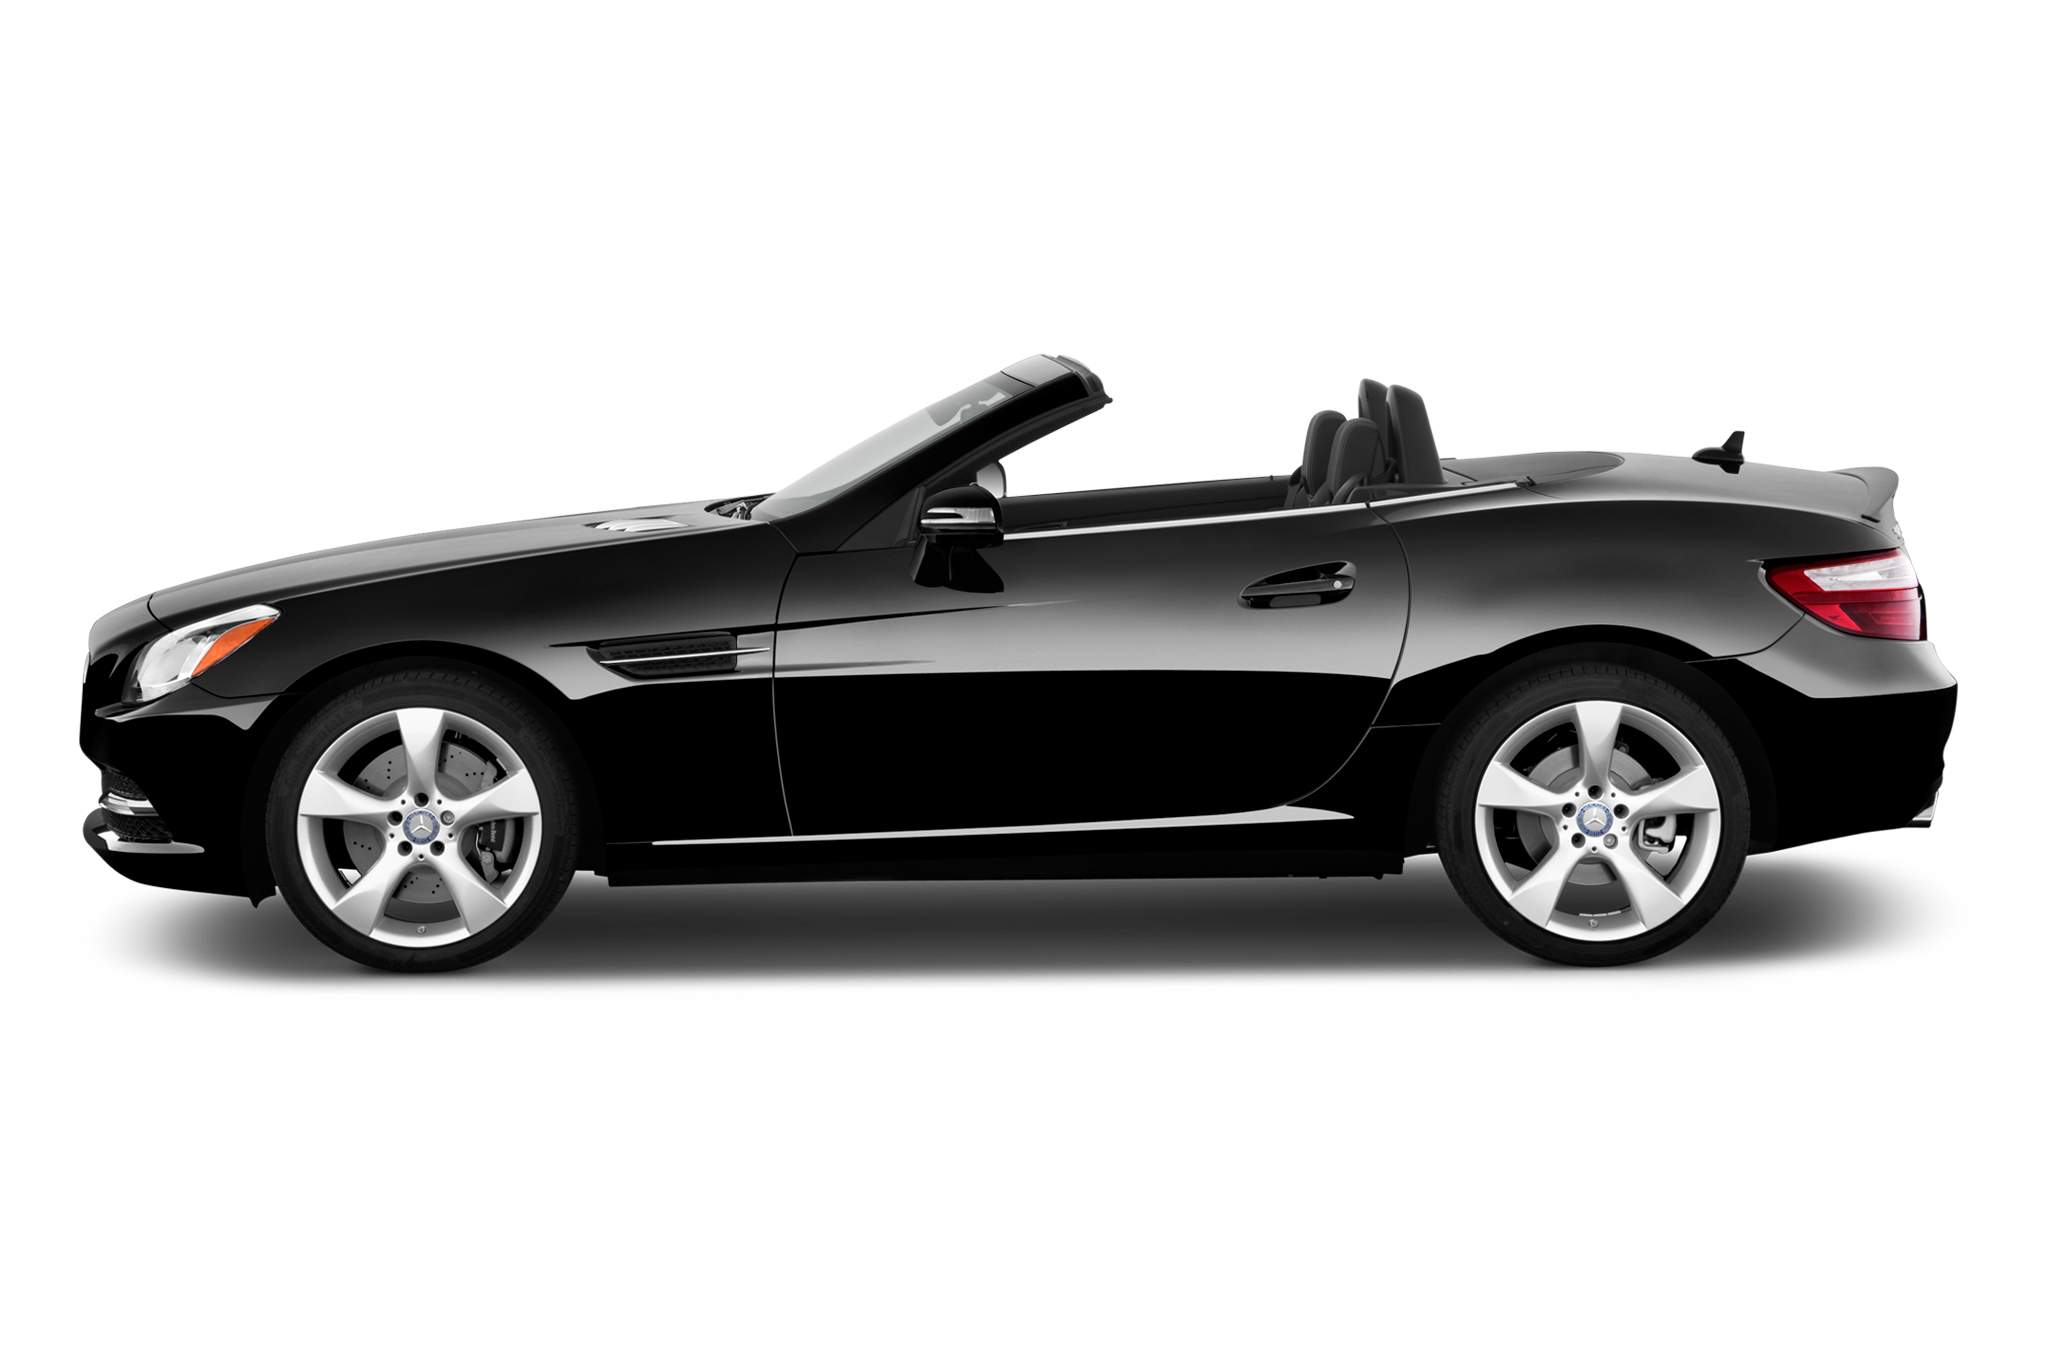 Mercedes-Benz SLK-klasse III (R172) 2011 - 2016 Roadster #1